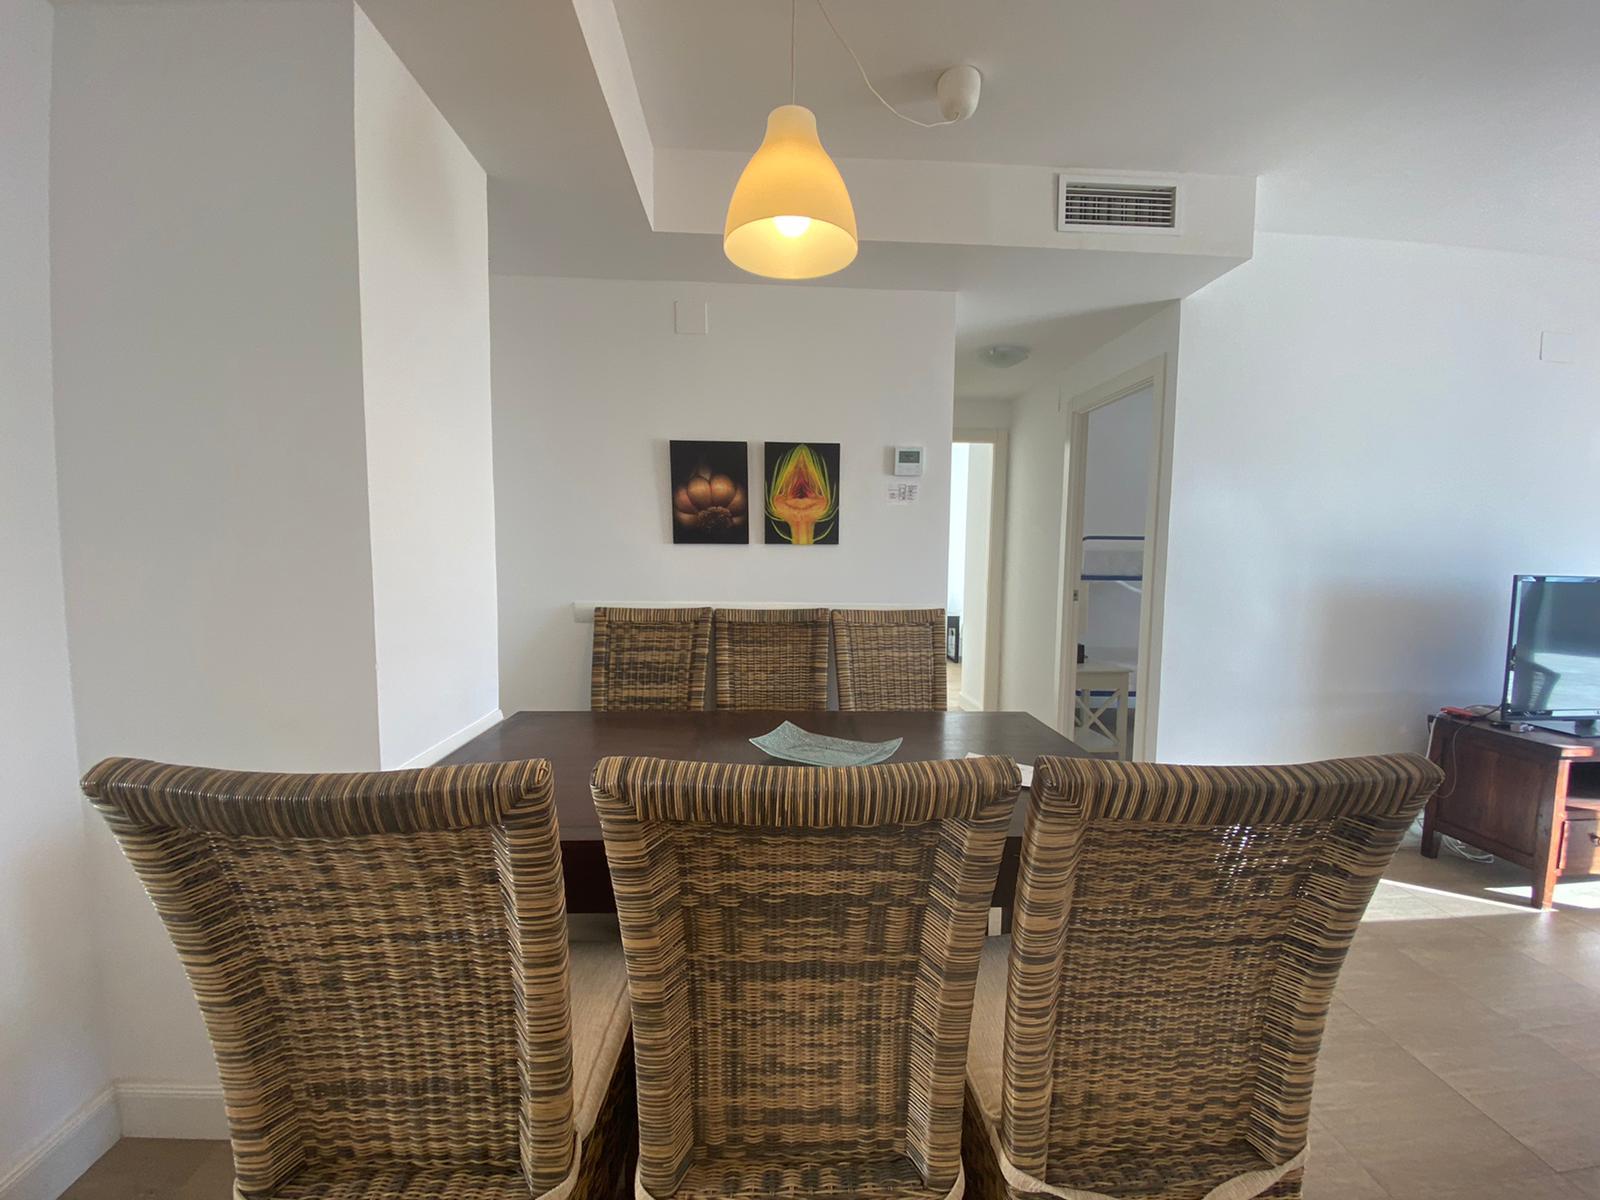 Imagen 9 del Apartamento Turístico, Ático 7 Levante (3d +2b), Punta del Moral (HUELVA), Paseo de la Cruz nº22